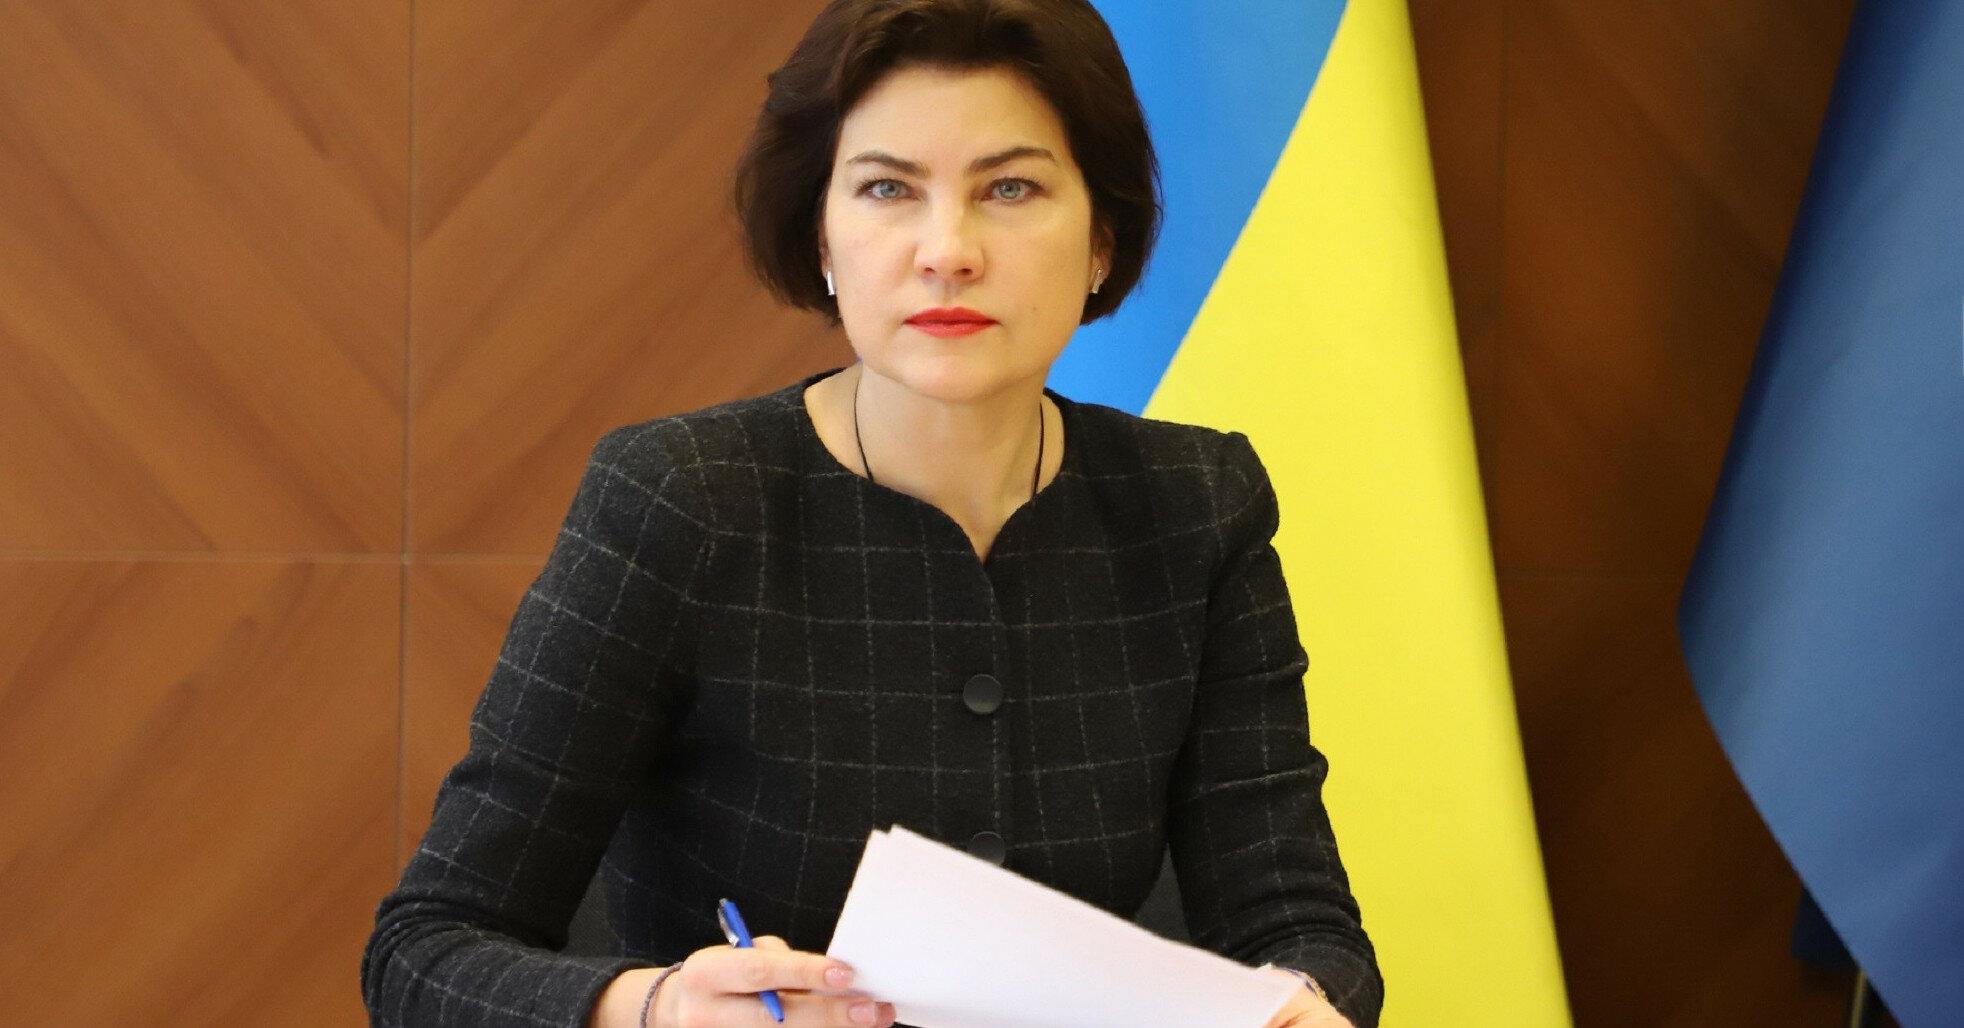 Венедиктова предположила, что прокуратура подаст апелляцию по делу Чауса